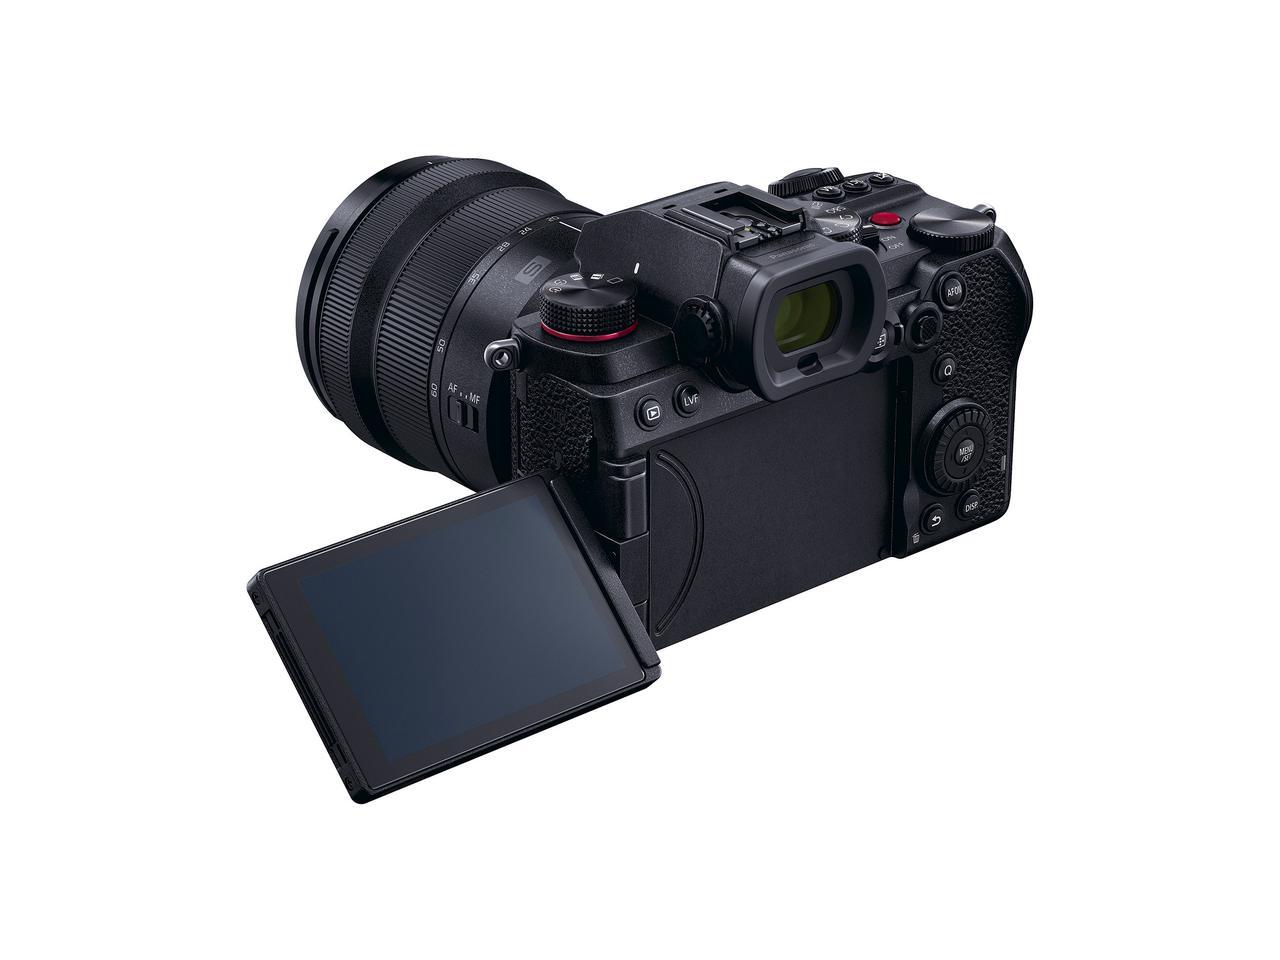 画像3: パナソニックはフルサイズミラーレスカメラ「LUMIX S5」を 発表。2020年9月下旬発売!